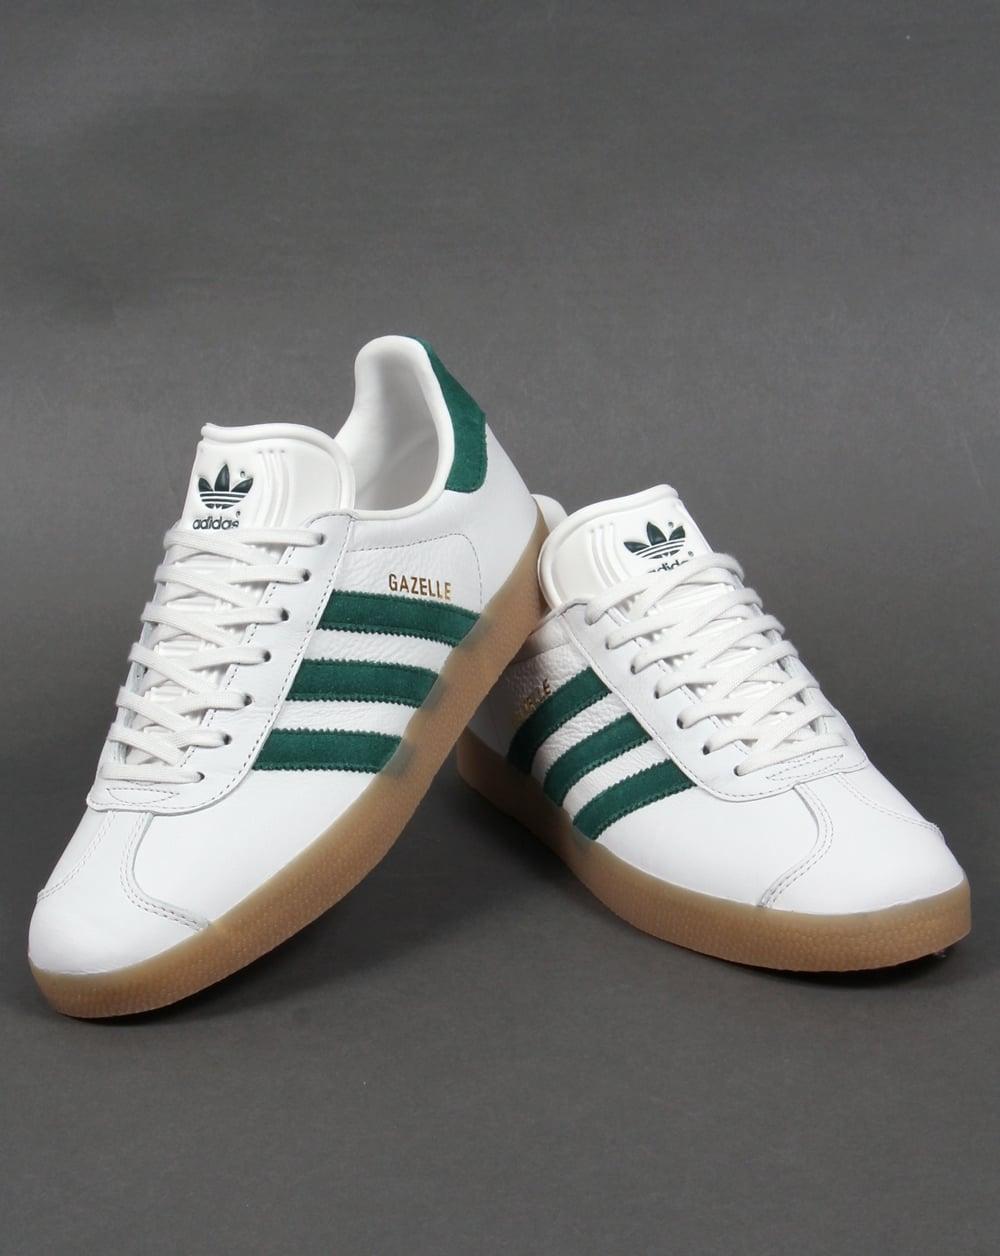 adidas originals gazelle super trainers in white